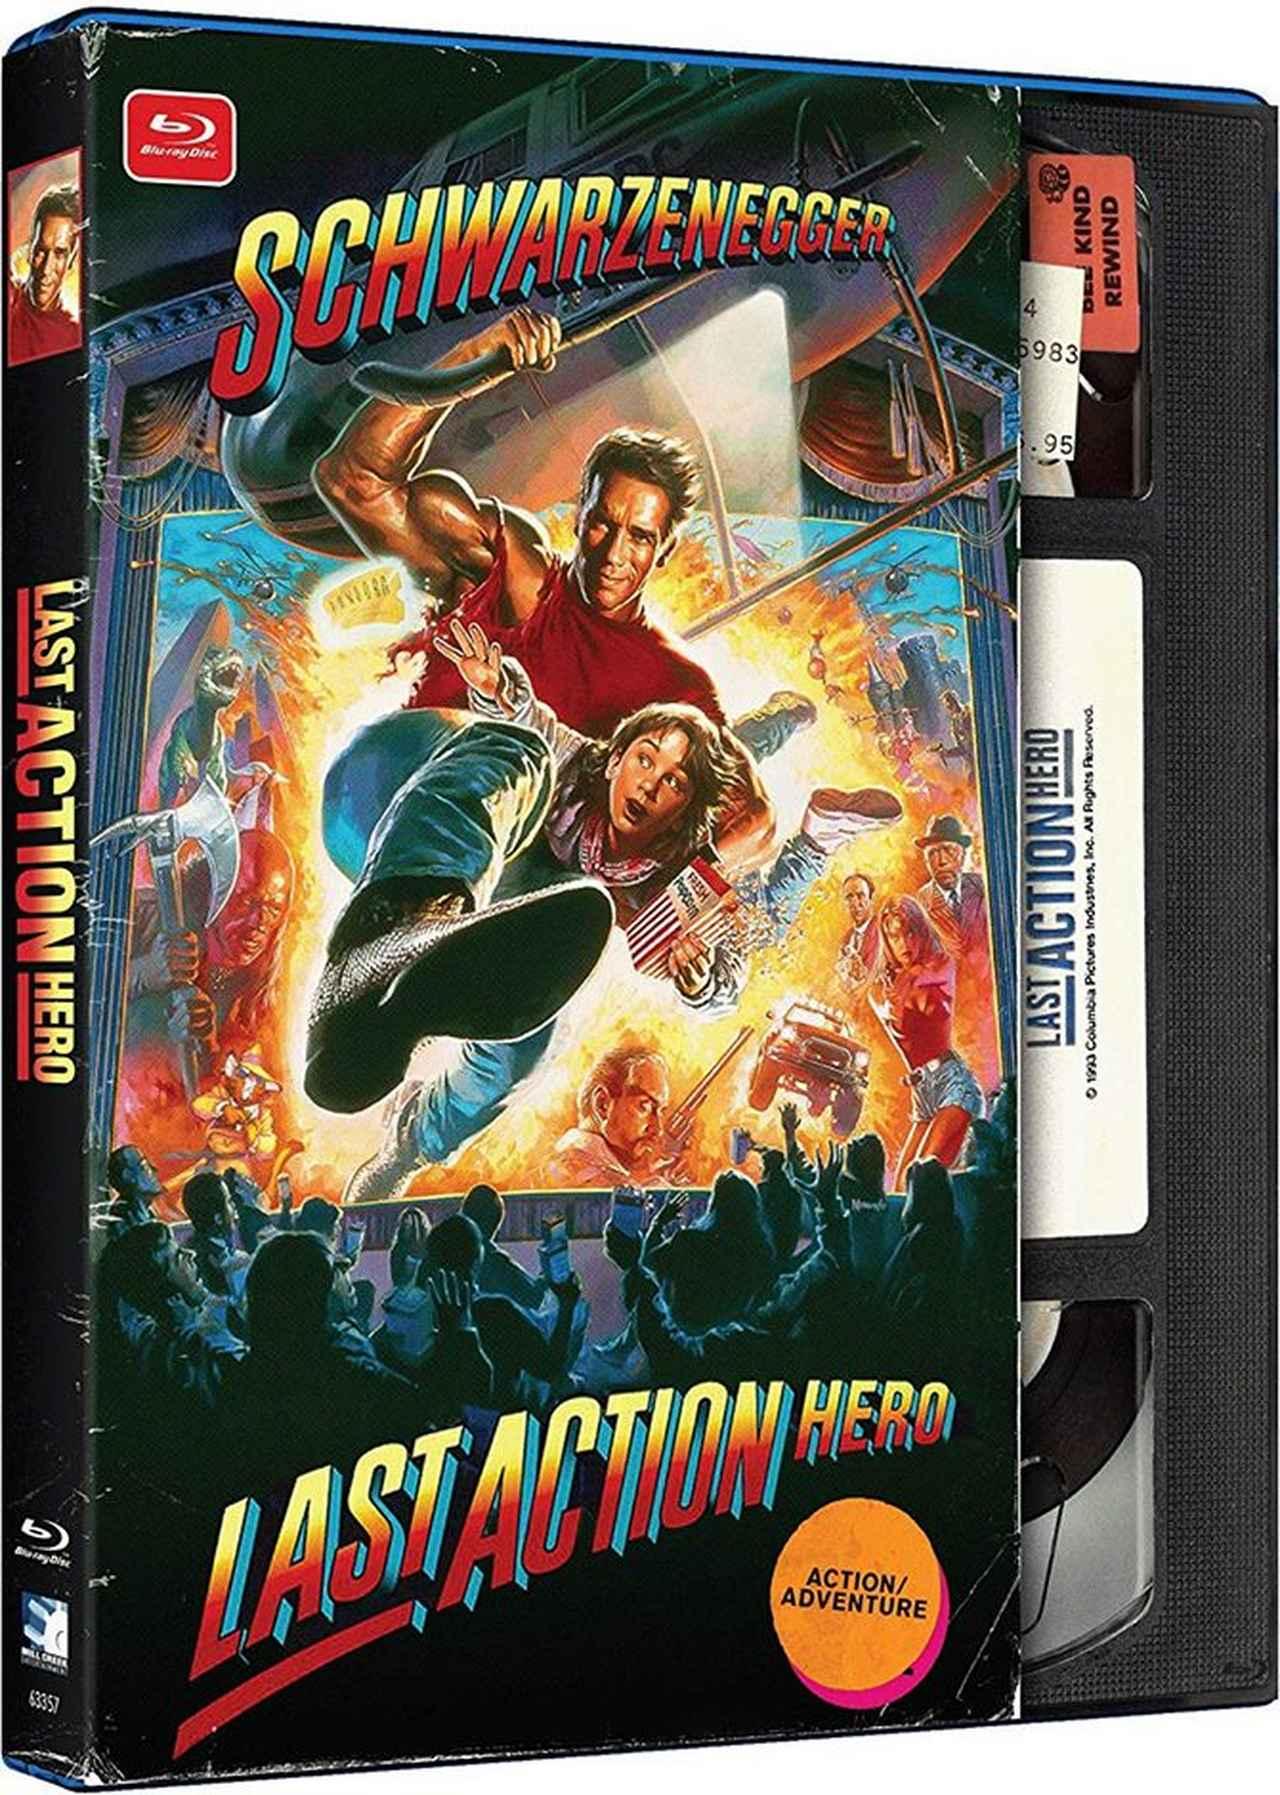 画像: LAST ACTION HERO/ラスト・アクション・ヒーロー (1993) 監督ジョン・マクティアナン:主演アーノルド・シュワルツェネッガー